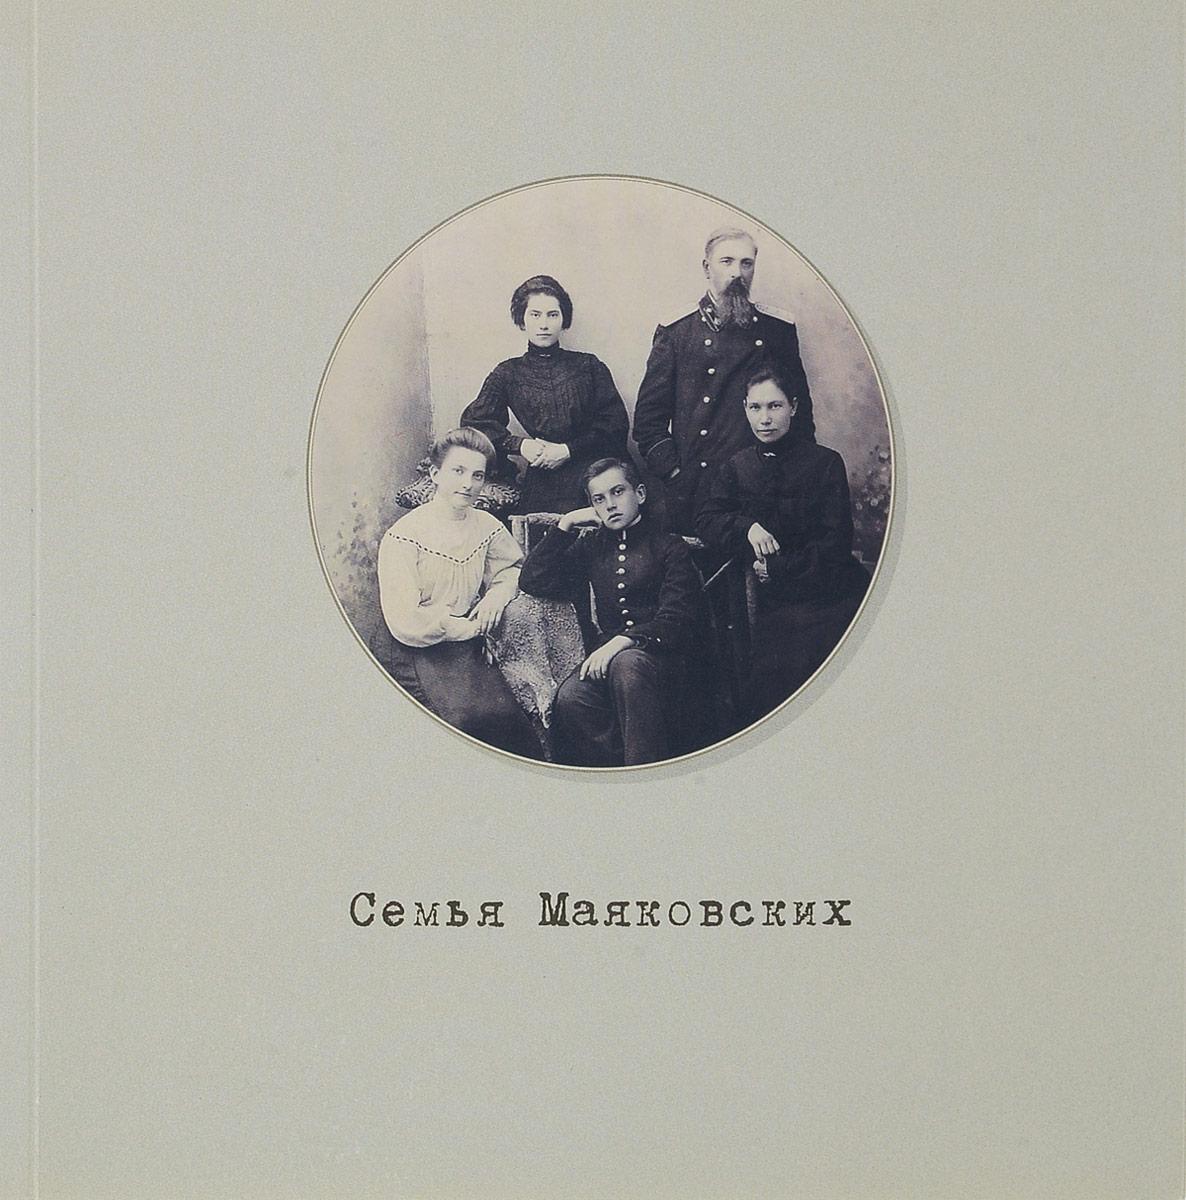 Семья Маяковских. Мемориальный фонд. Каталог выставки